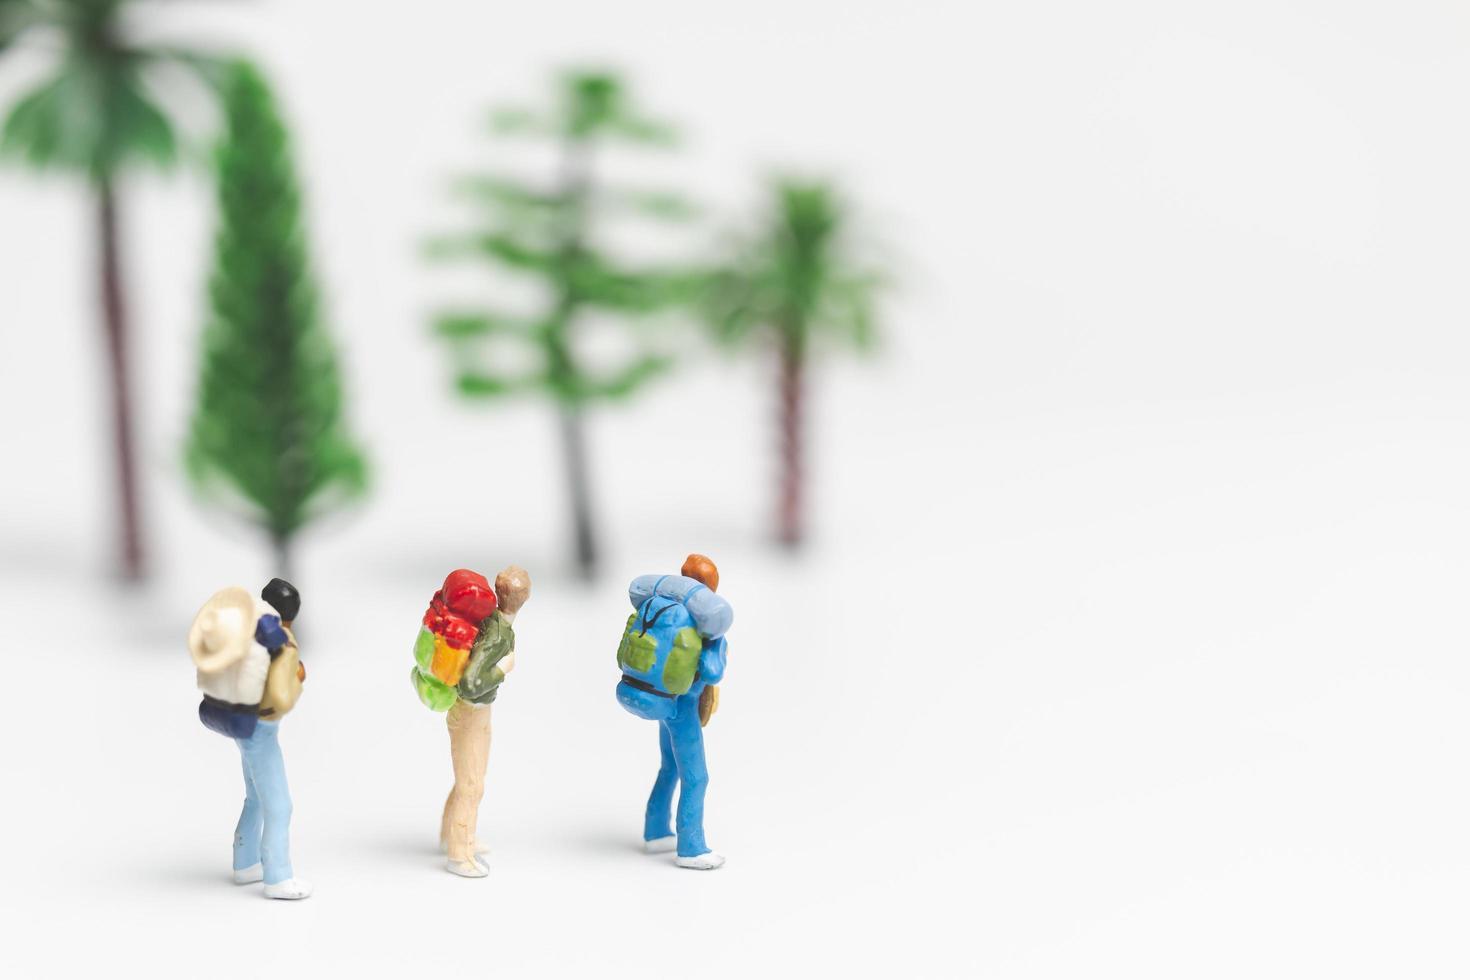 miniatuurreizigers met rugzakken die op een witte achtergrond, reis en avontuurconcept lopen foto